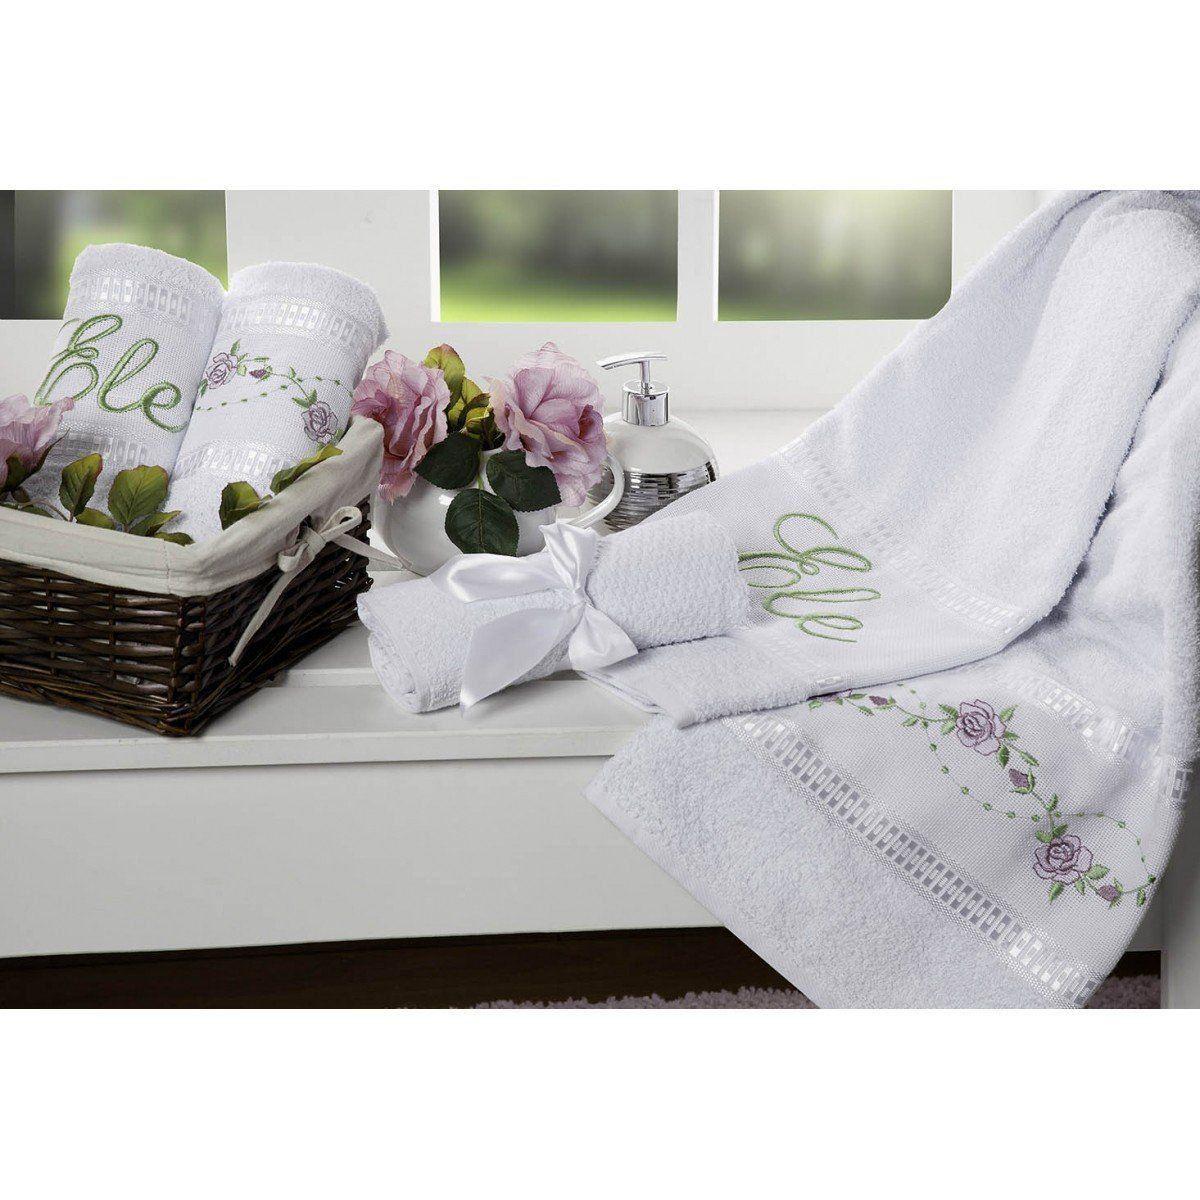 Jogo de Banho Bouquet 05 Peças - Branco